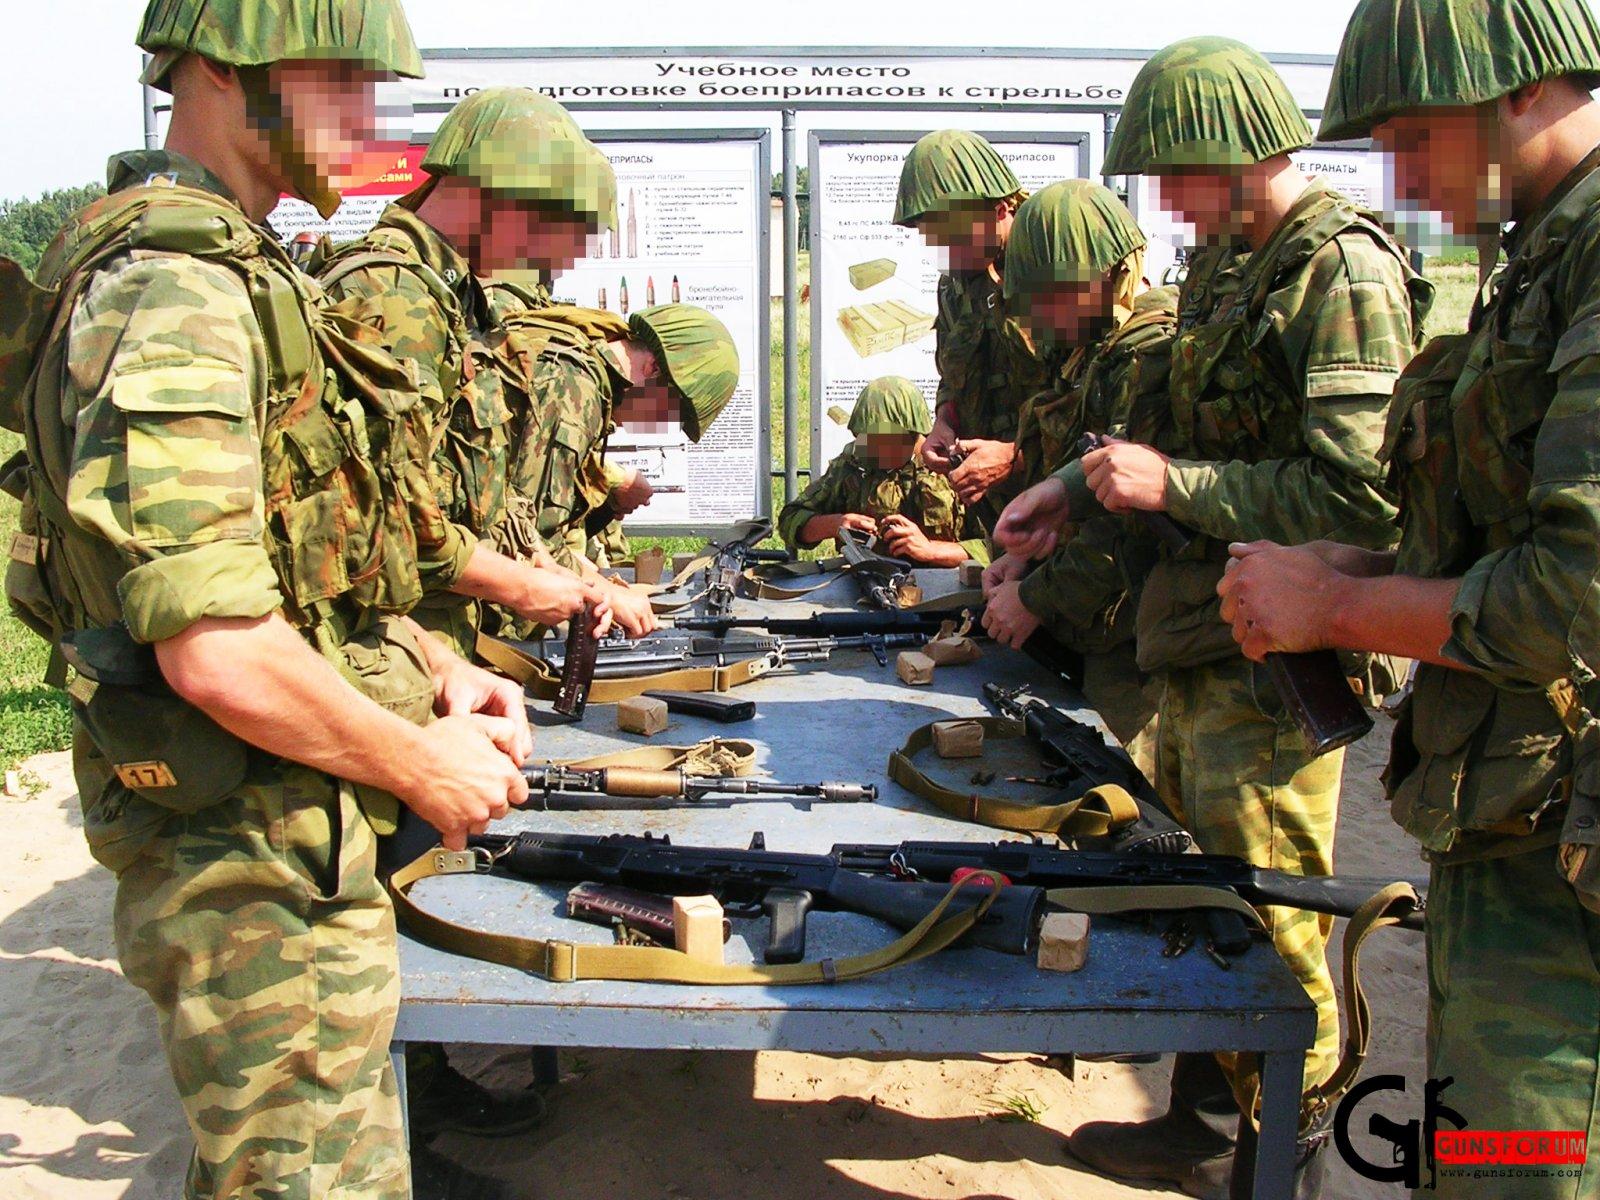 Чистка оружия на полигоне, в ходе занятий по стрелковой подготовке